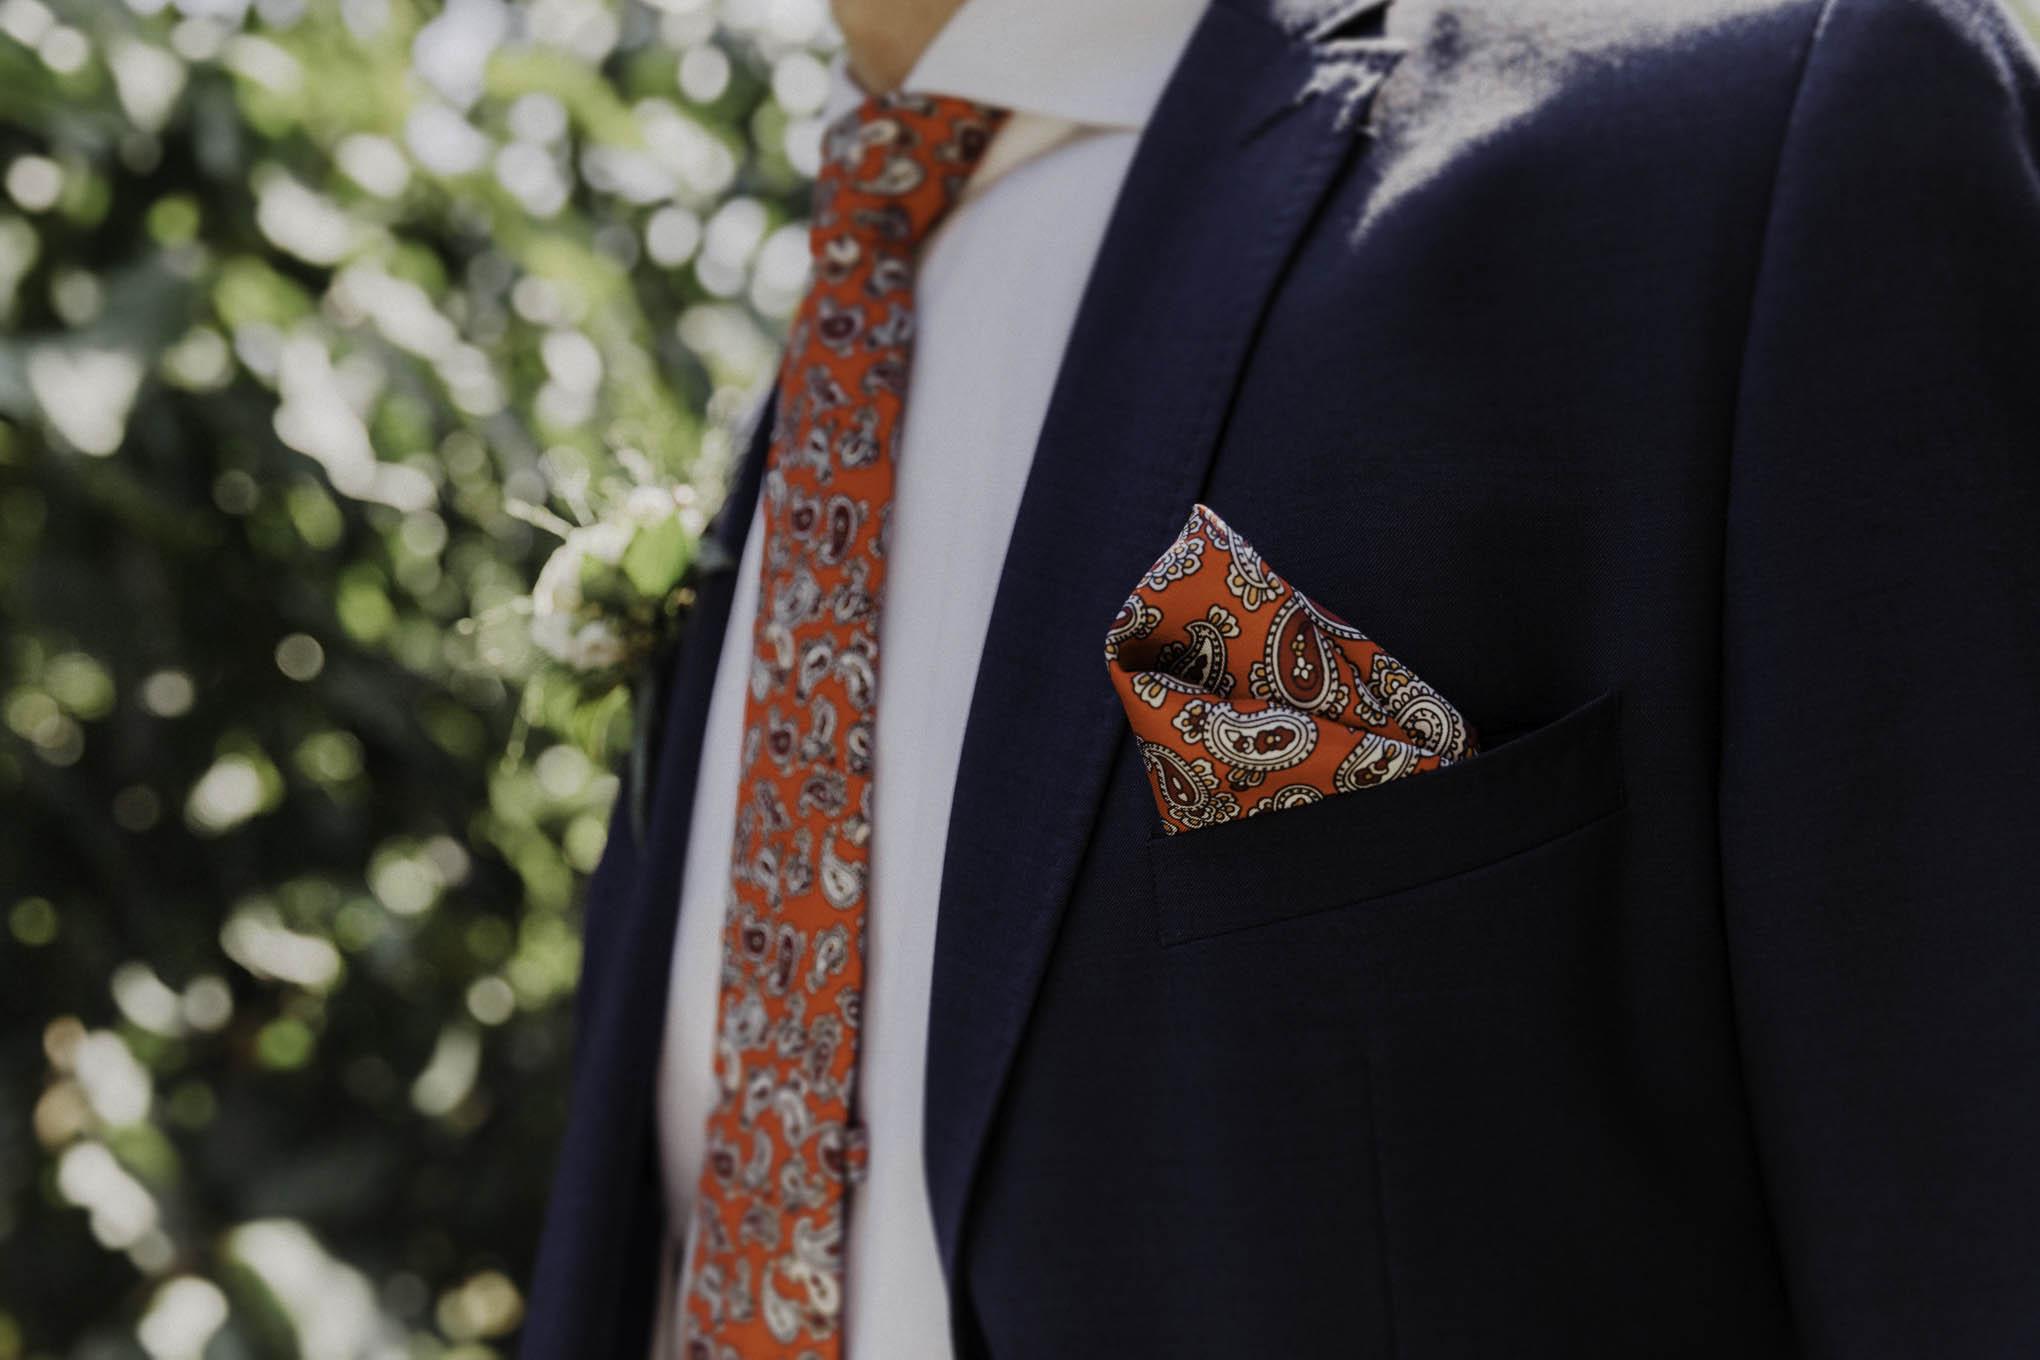 Einstecktuch und Krawatte vom Bräutigam